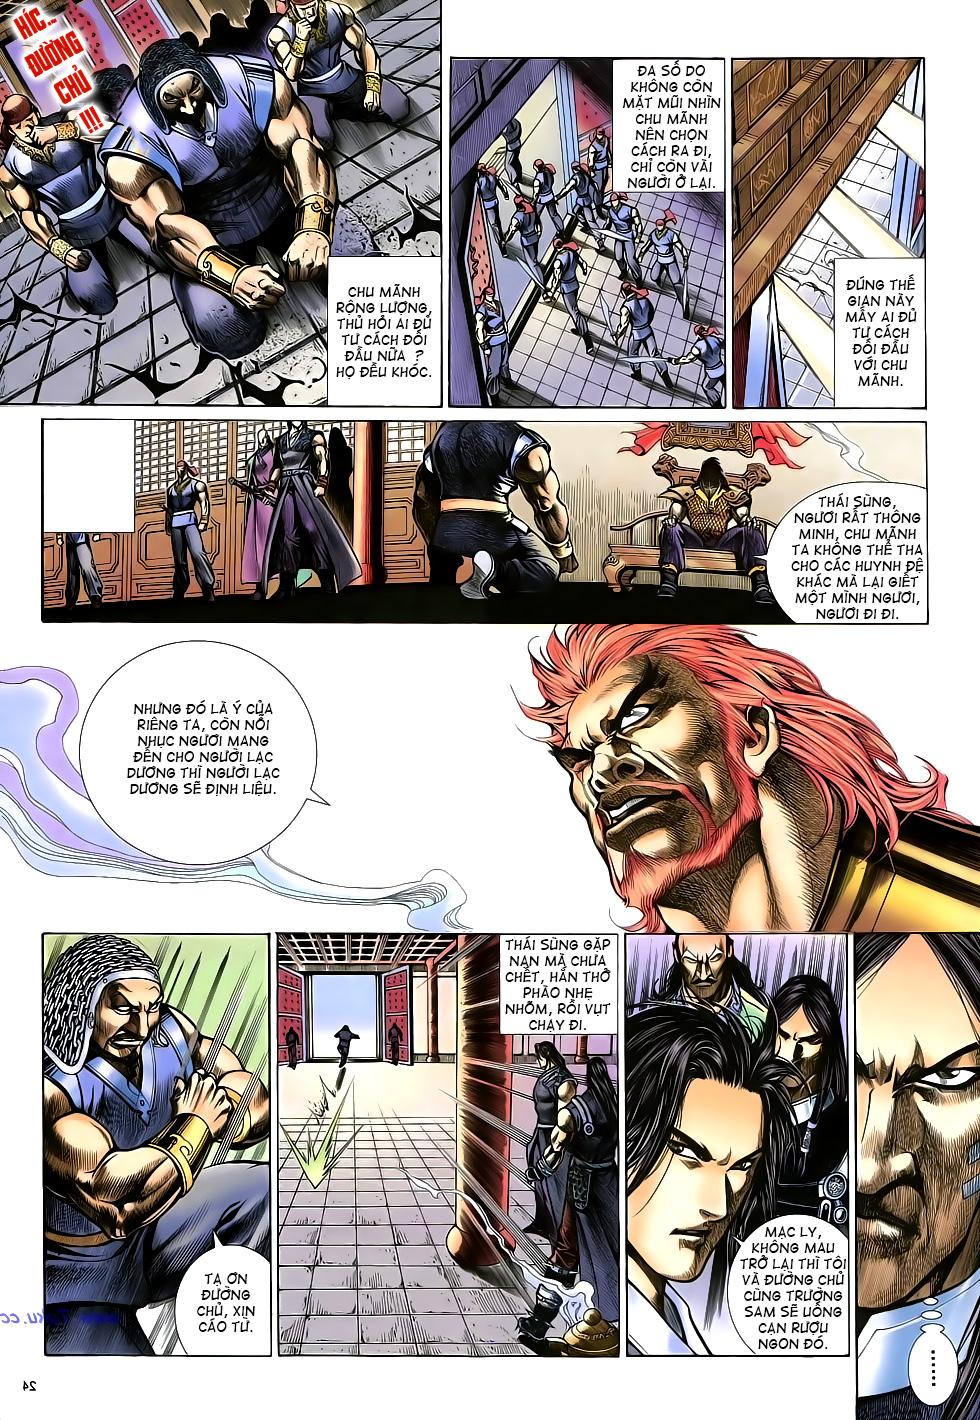 Anh hùng vô lệ Chap 16: Kiếm túy sư cuồng bất lưu đấu  trang 25